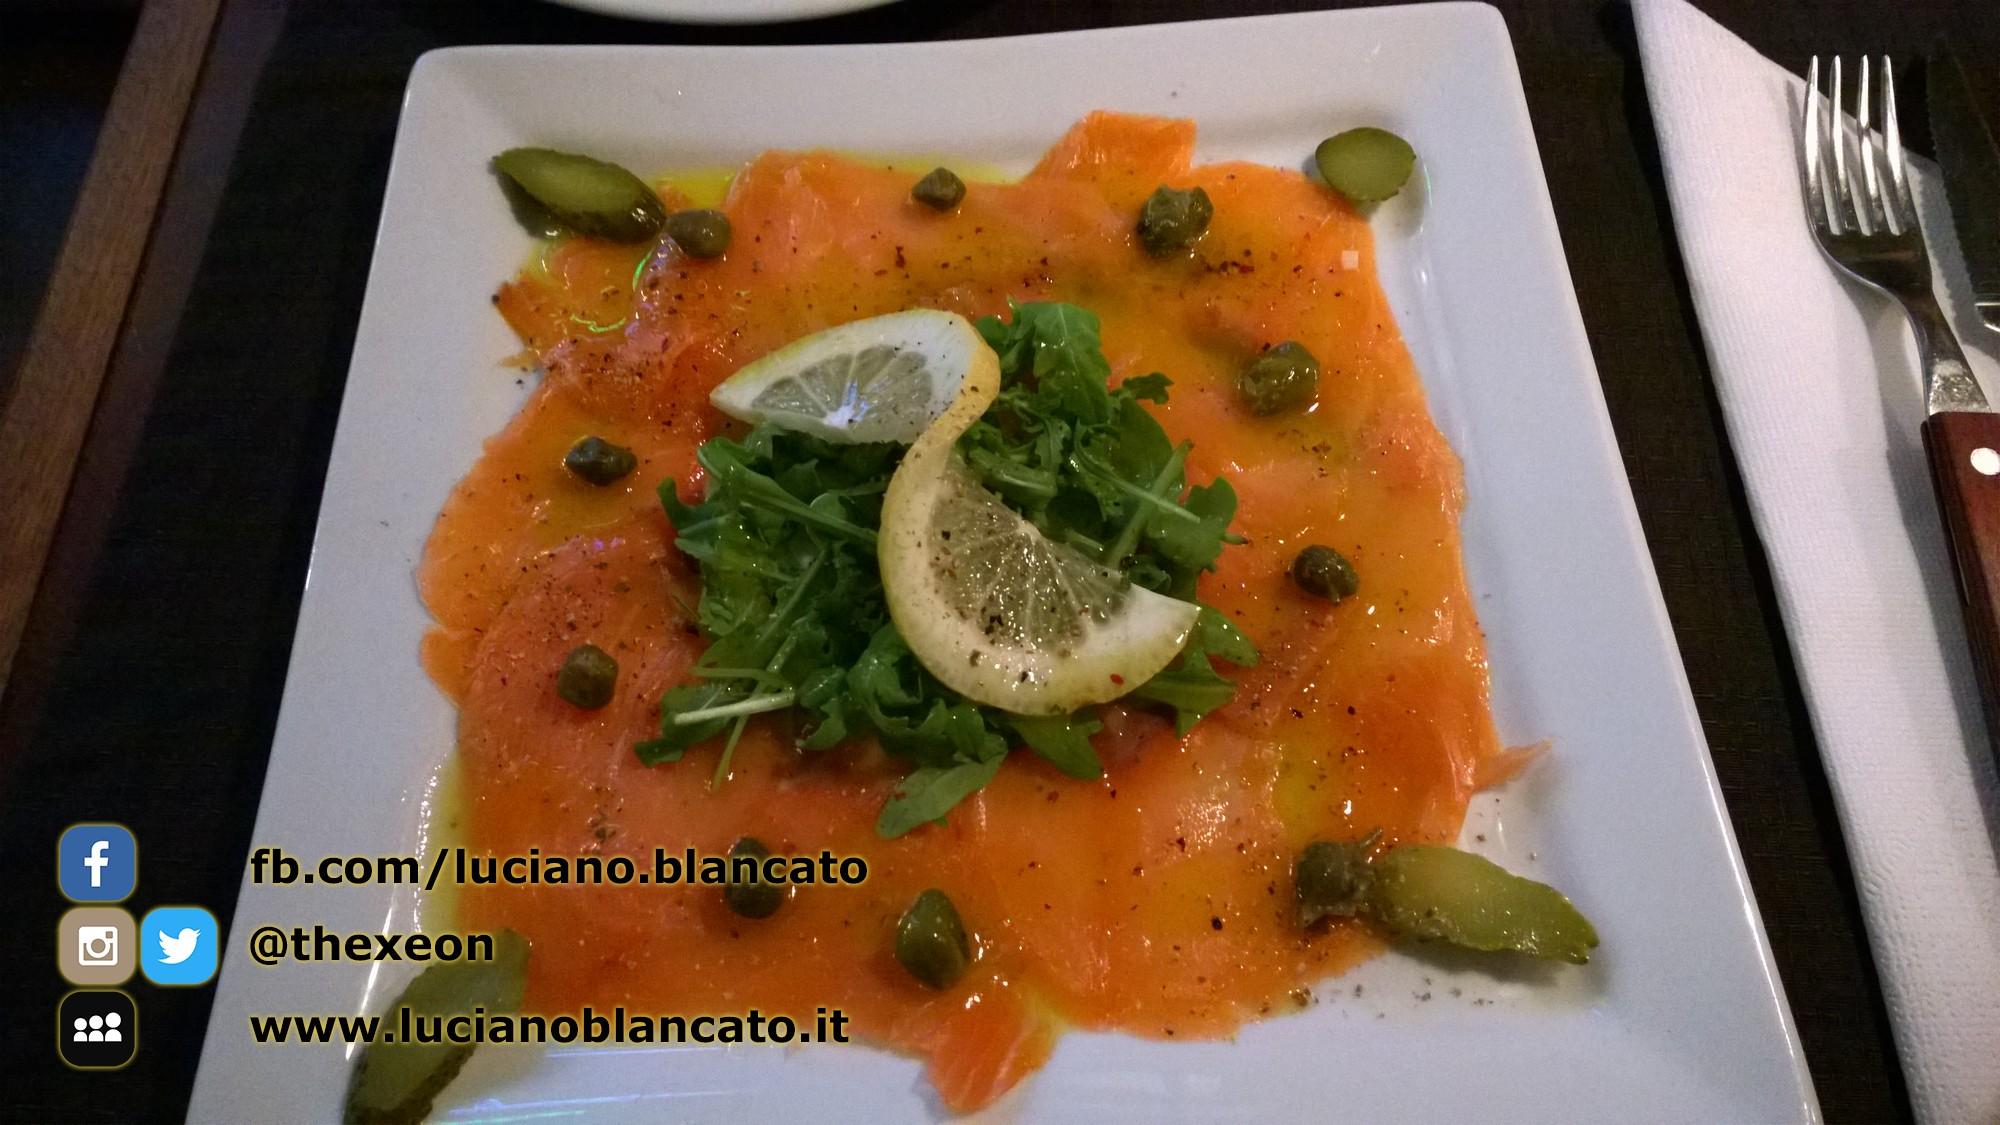 Lisbona - salmone, rucola, capperi e sott aceti! semplicemente delizioso